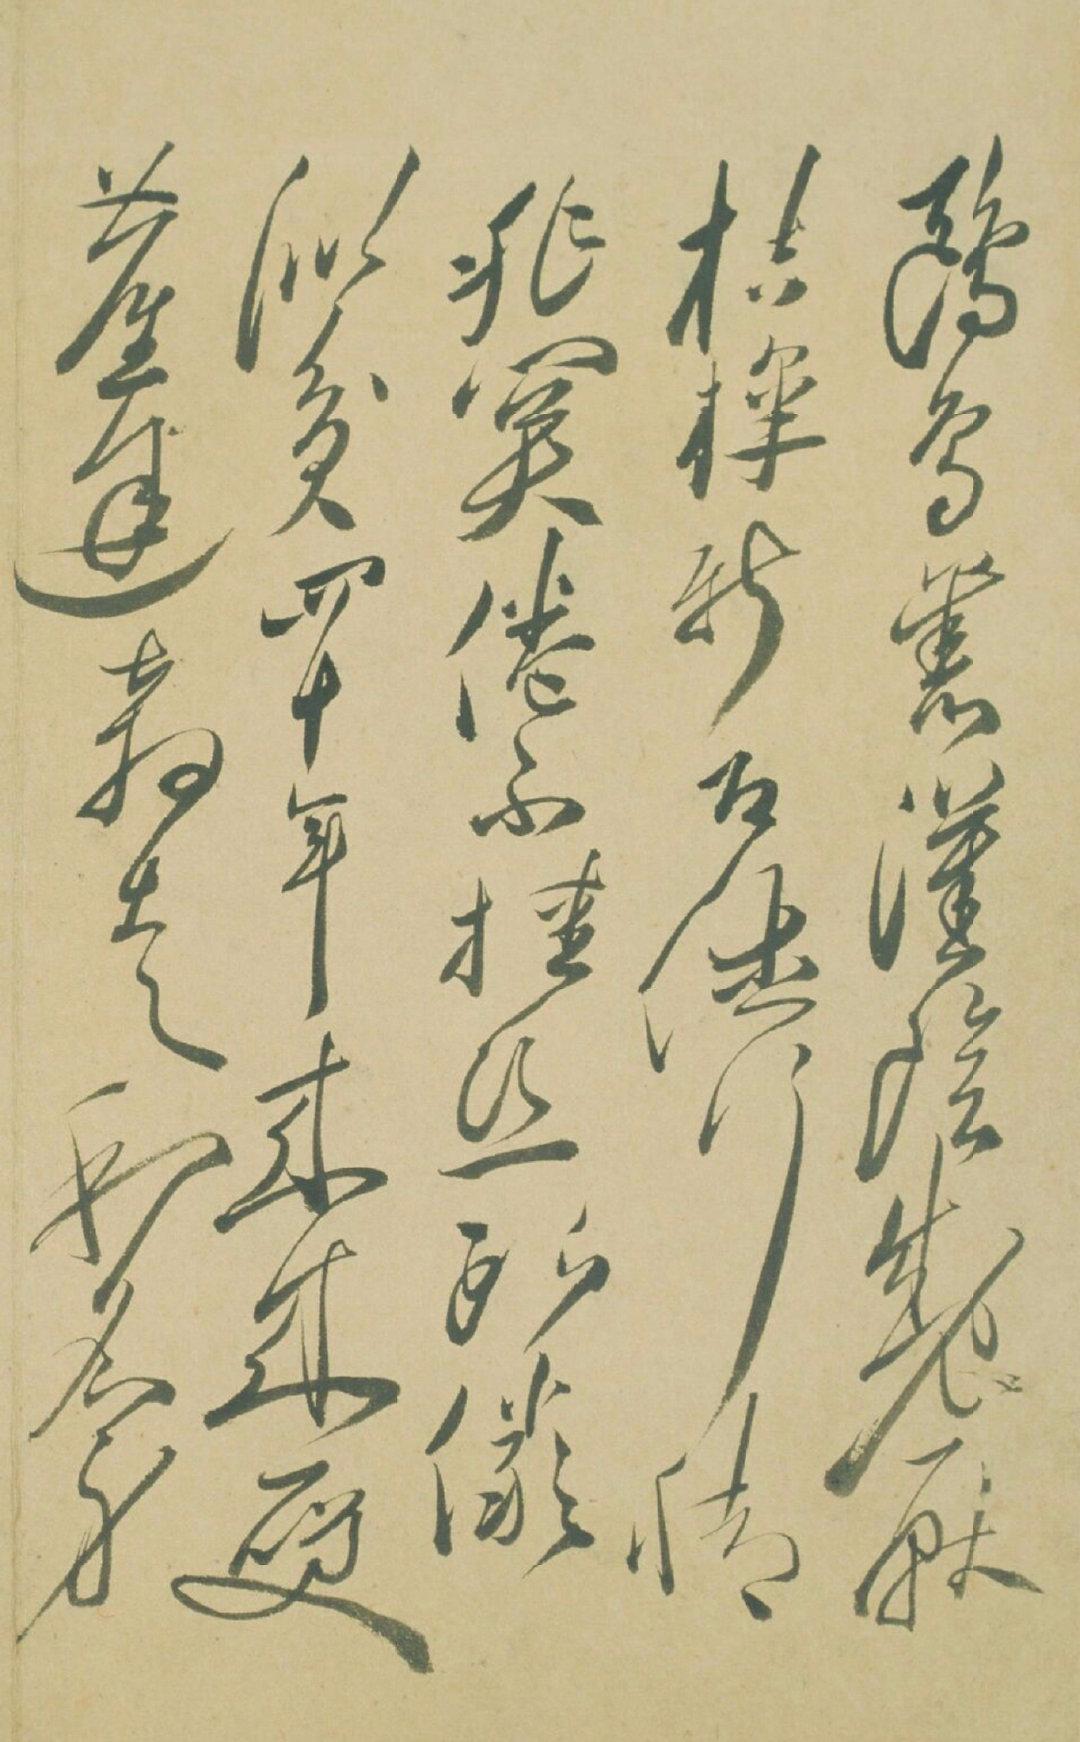 徐渭|自书诗册页